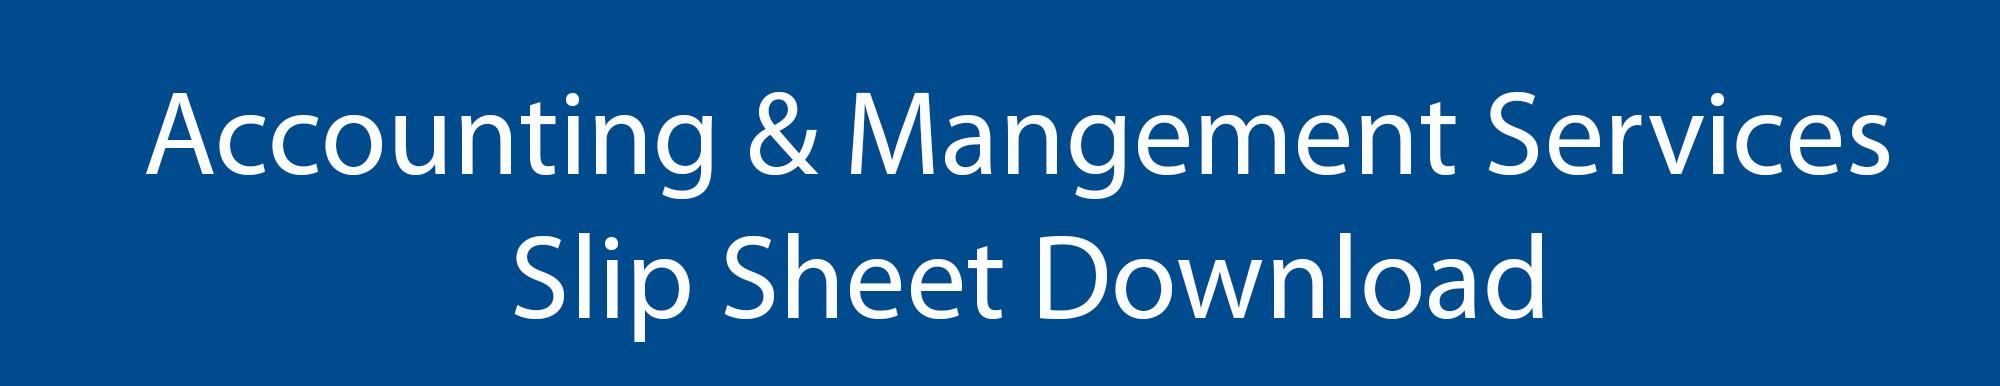 Lang Allan & Company Accounting Management slip sheet